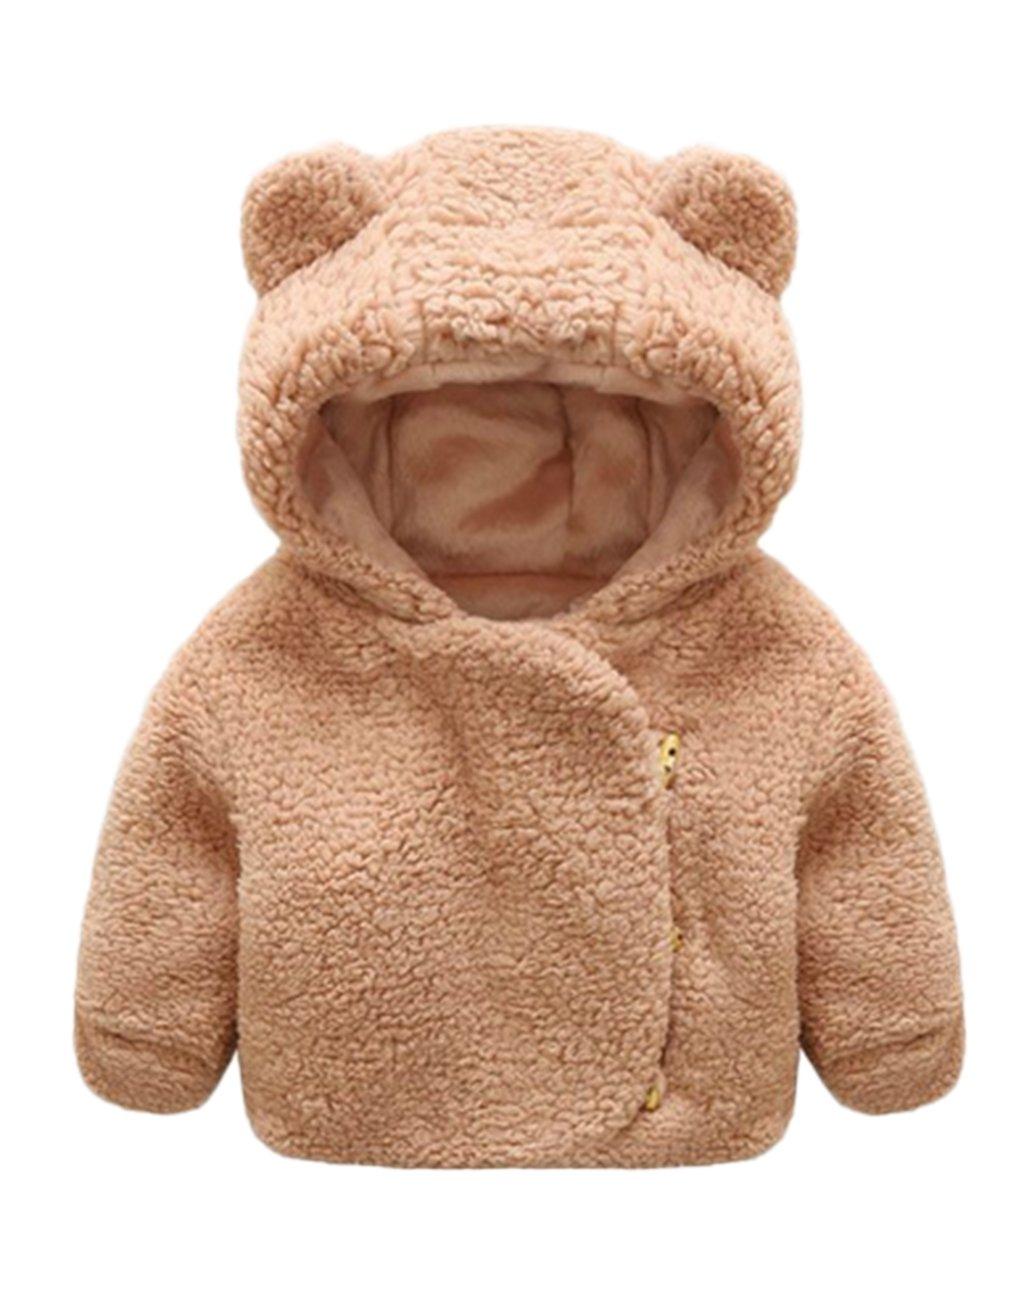 Infant Baby Boys Girls Cartoon Bear Animal Hooded Fleece Jacket Winter Warm Coat FAYALEQ FA1041